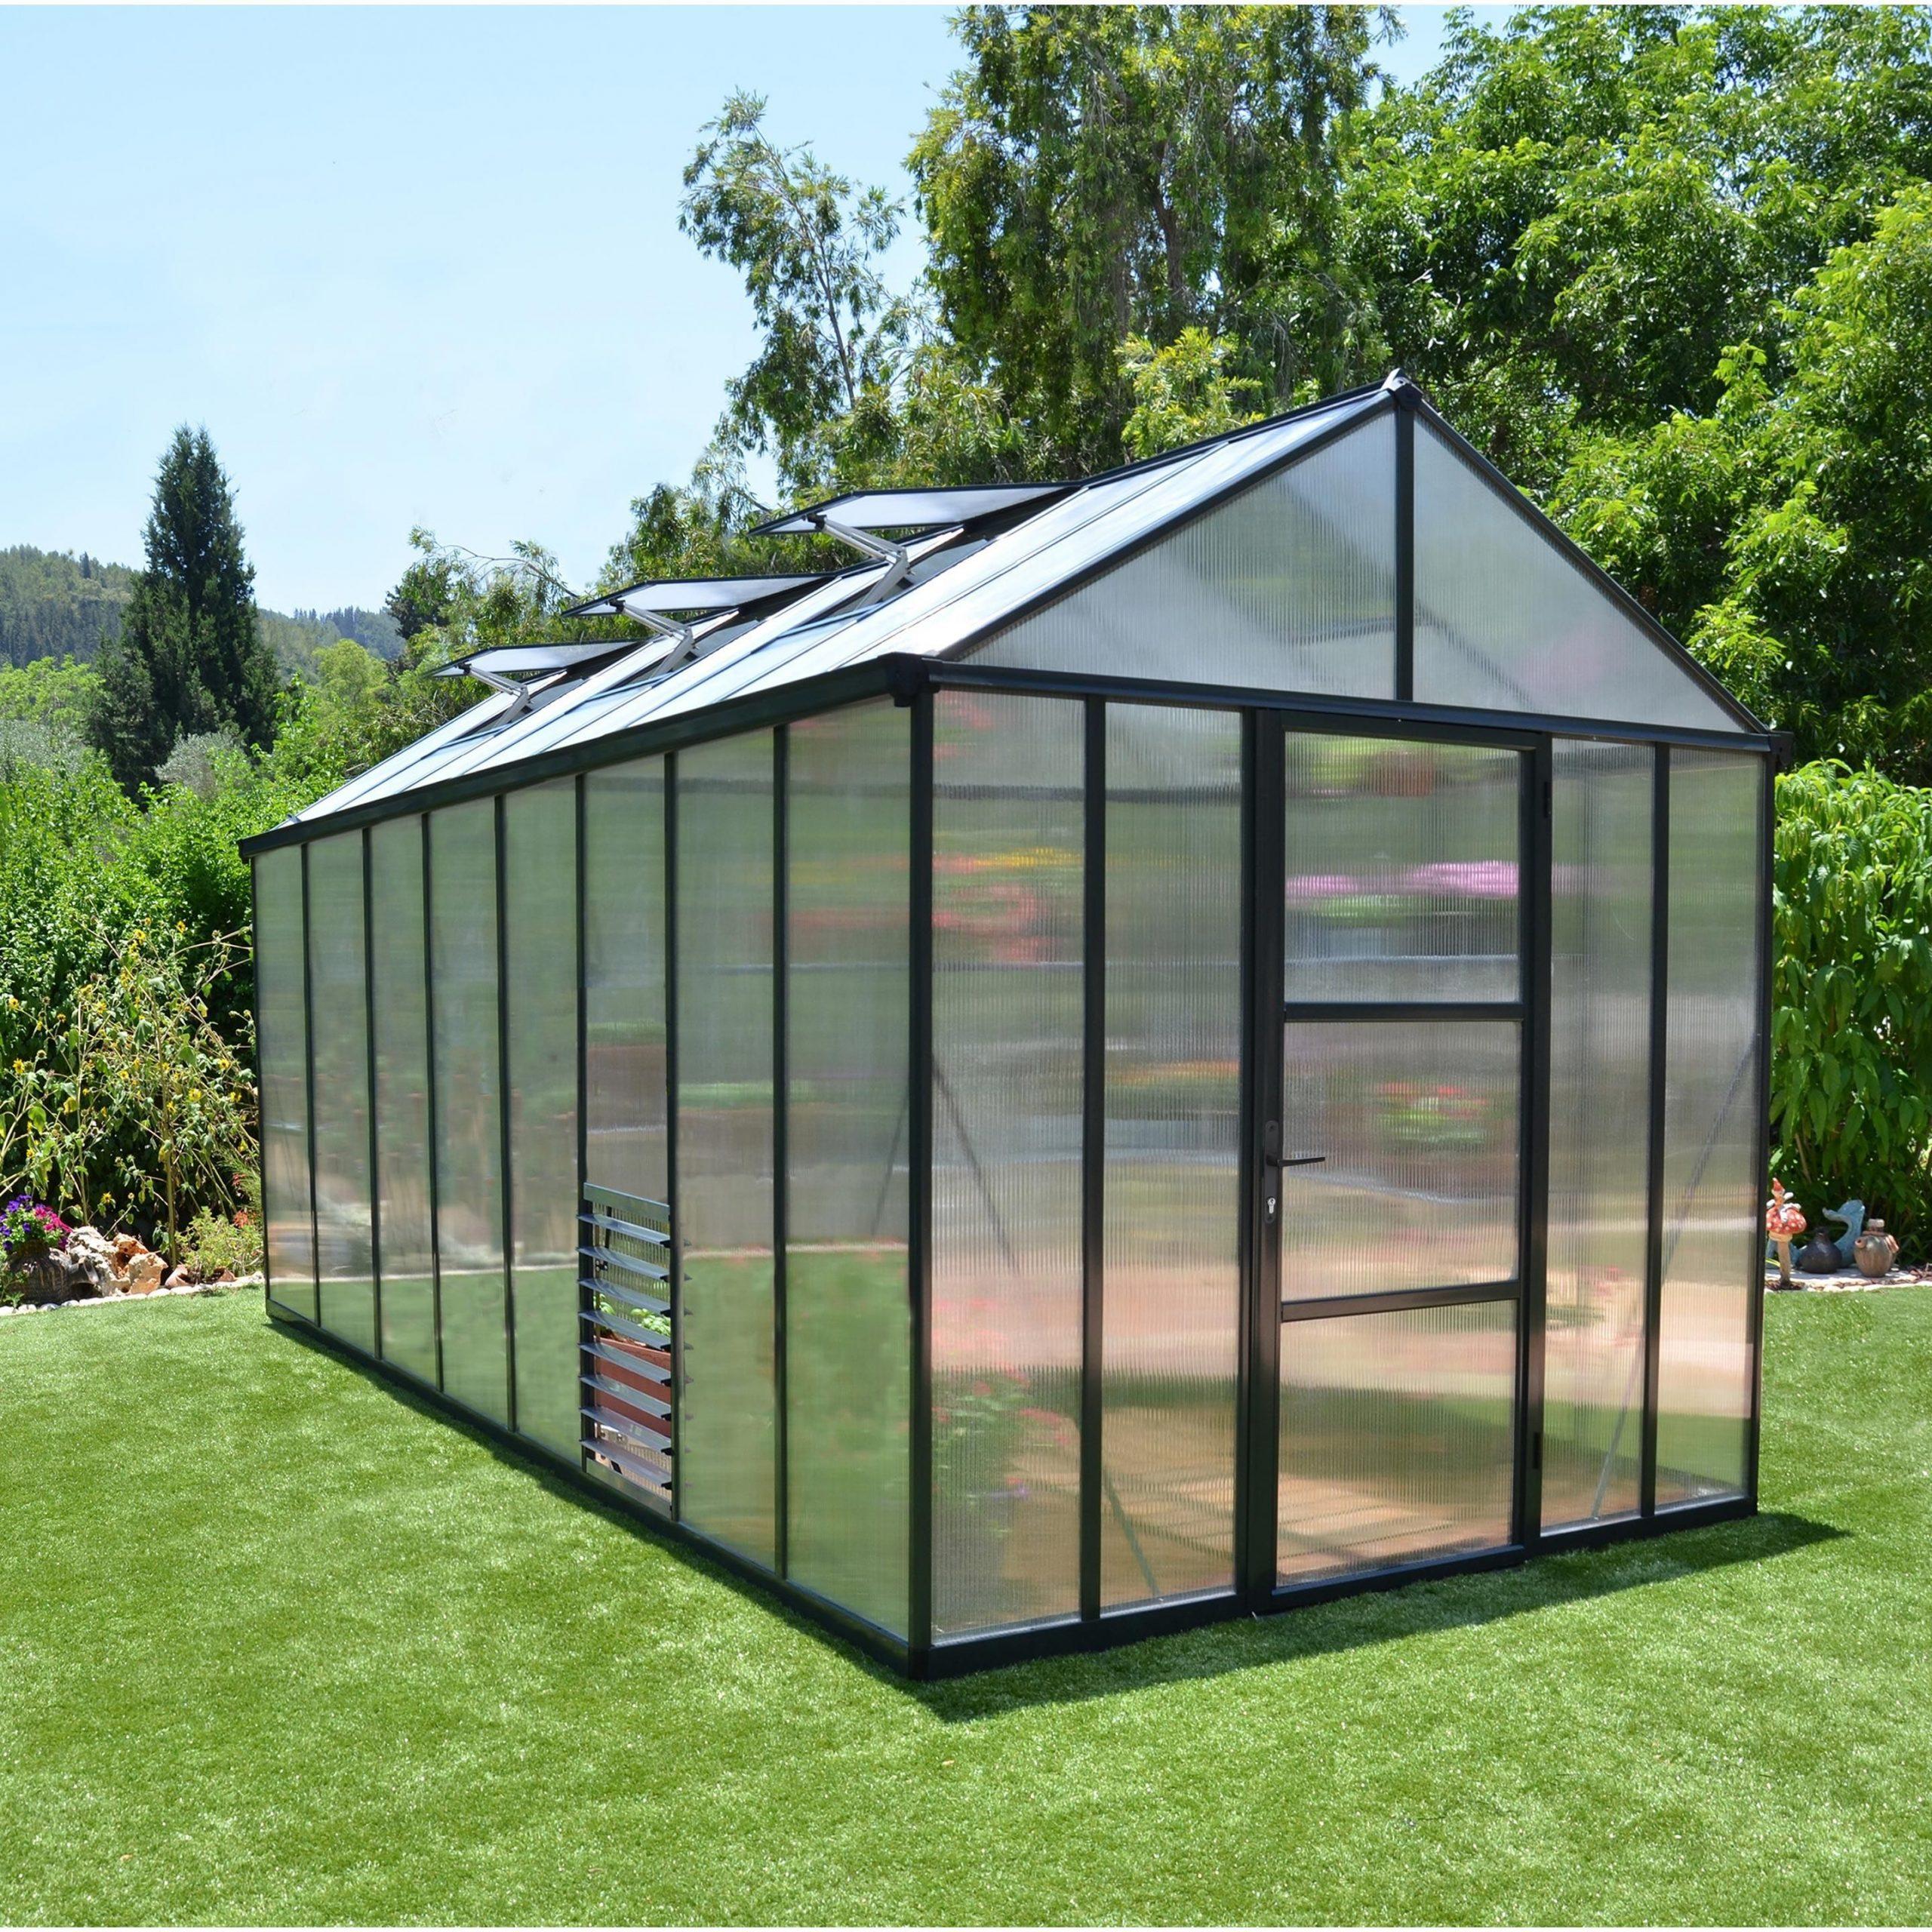 Serre De Jardin Glory 11.4 M², Aluminium Et Polycarbonate ... à Serre De Jardin Leroy Merlin